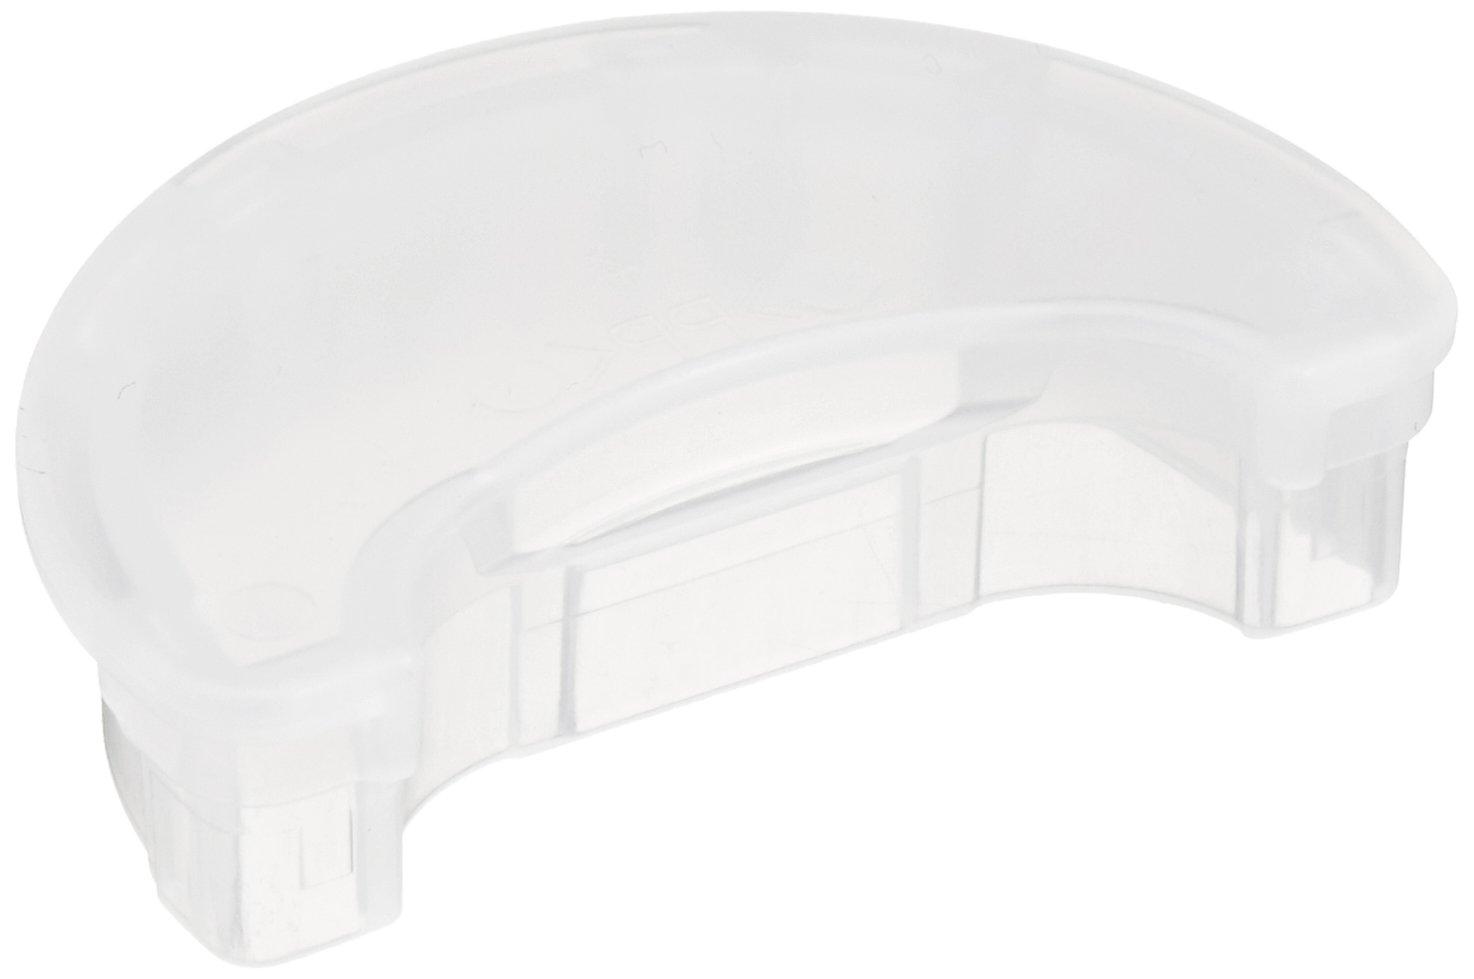 OMRON オムロンコーリン ネブライザ用アクセサリ キャップ NE-C28-1P4